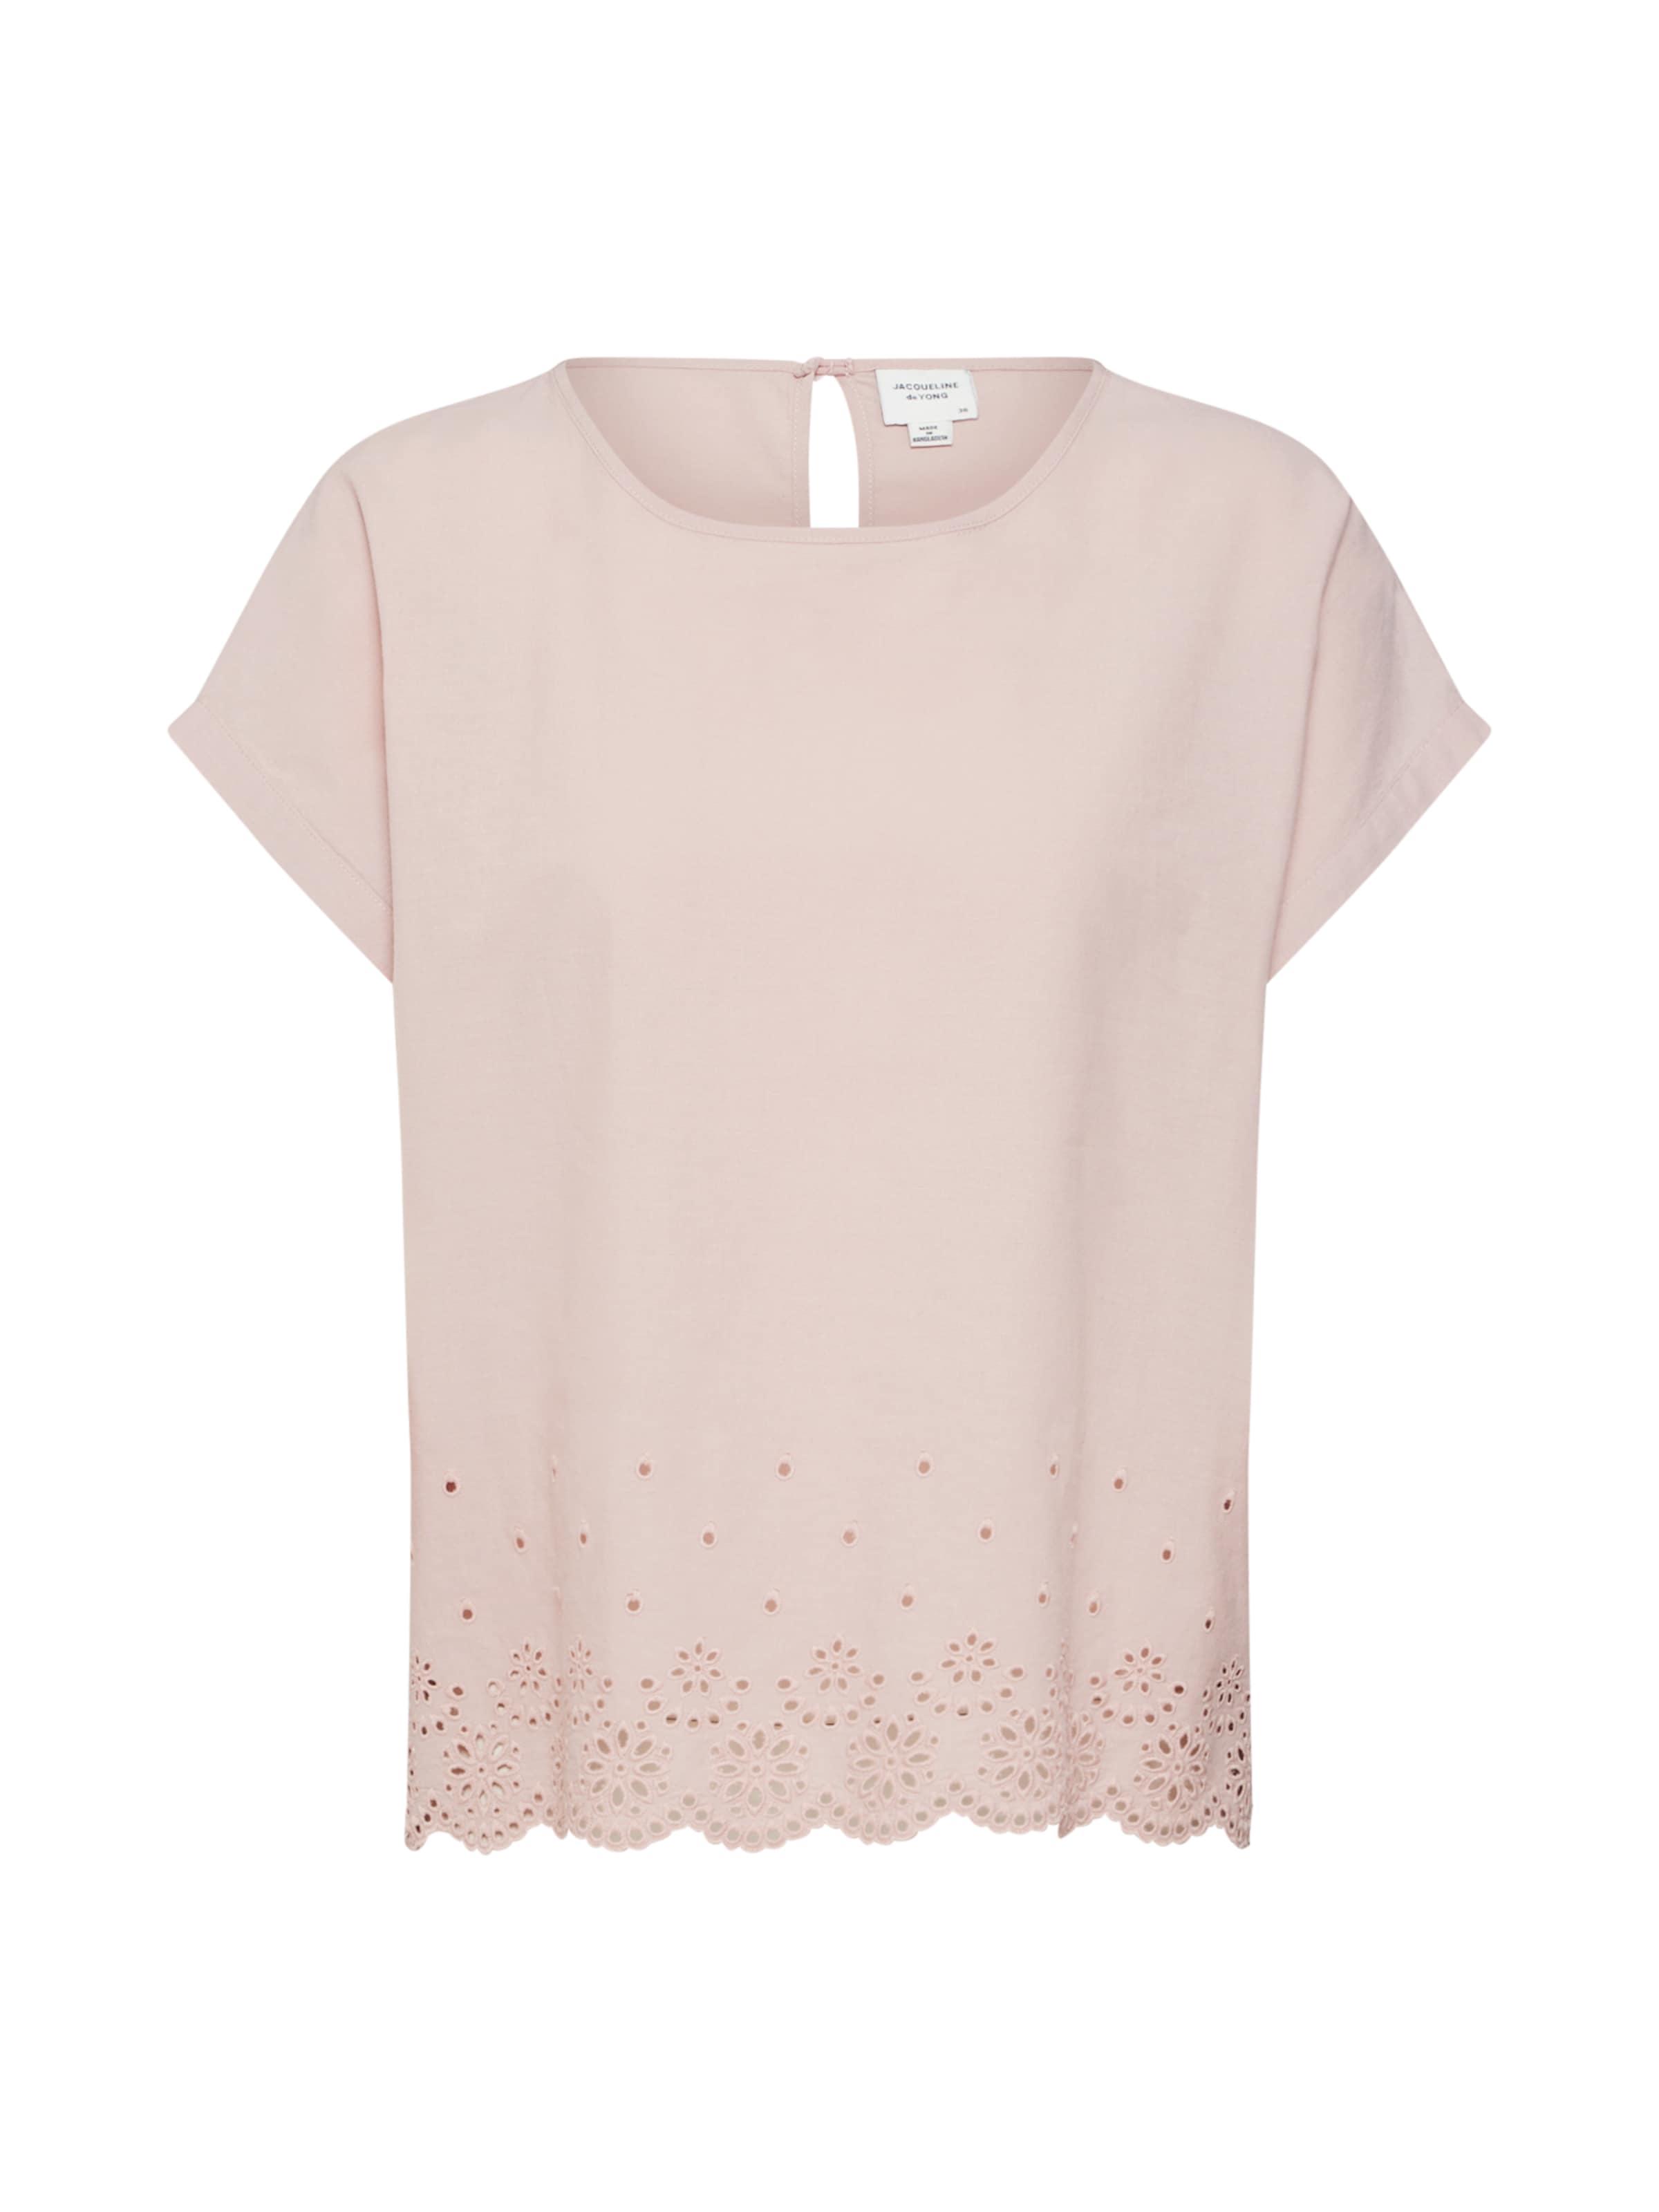 Blanc s shirt 'jdyjules Naturel T Wvn' Jacqueline De En Top S Yong QrxeWCoBd